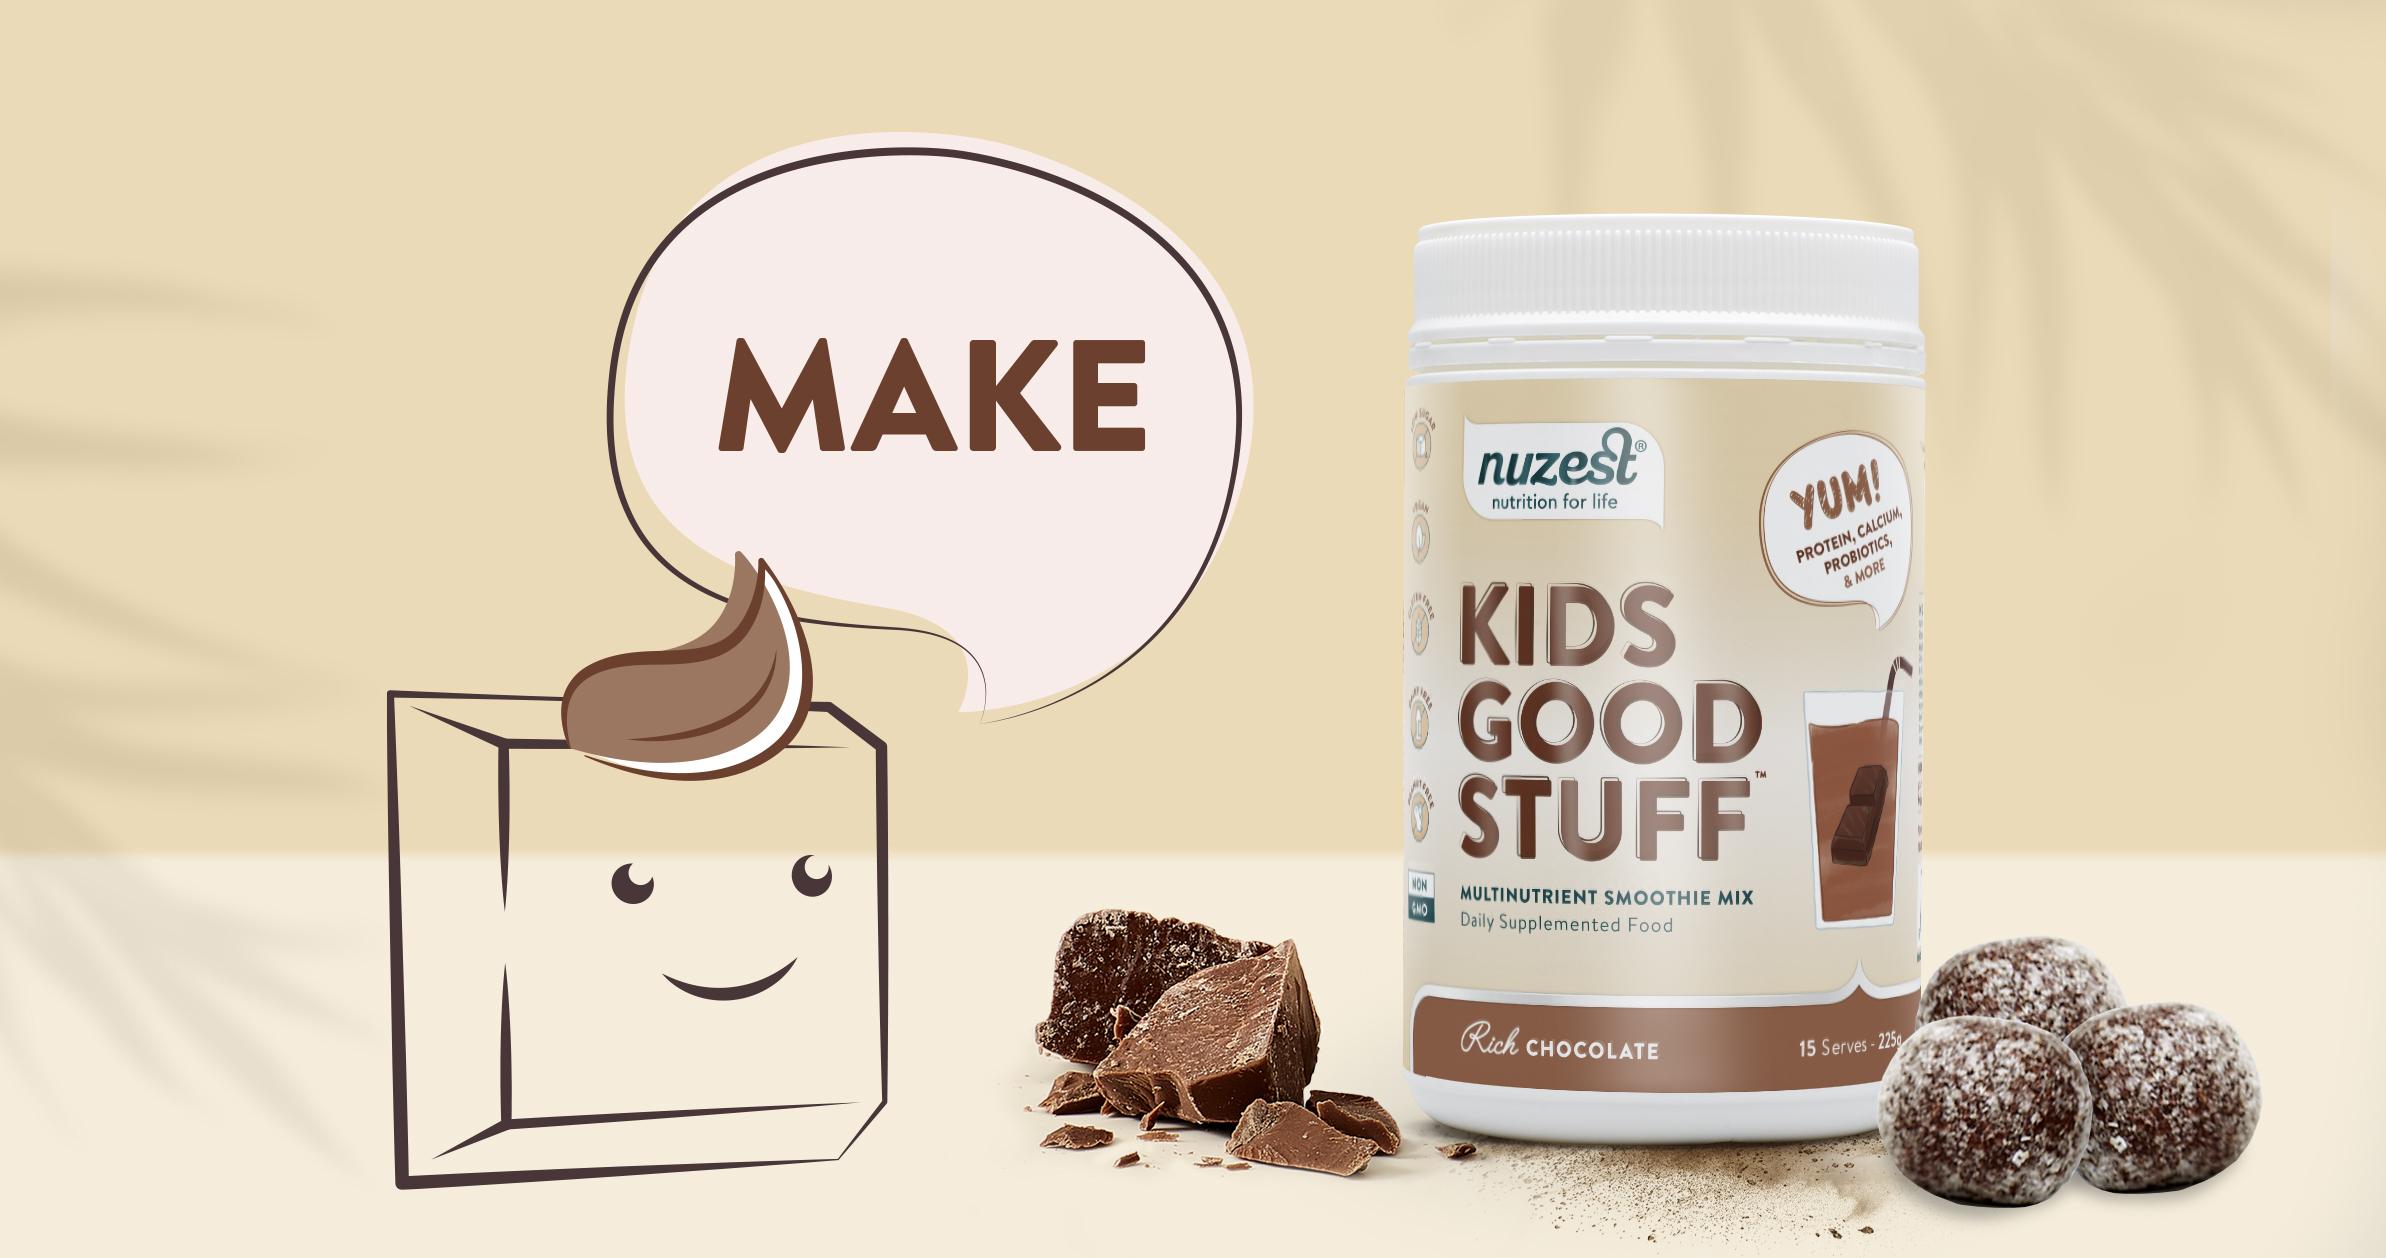 Kids Good Stuff